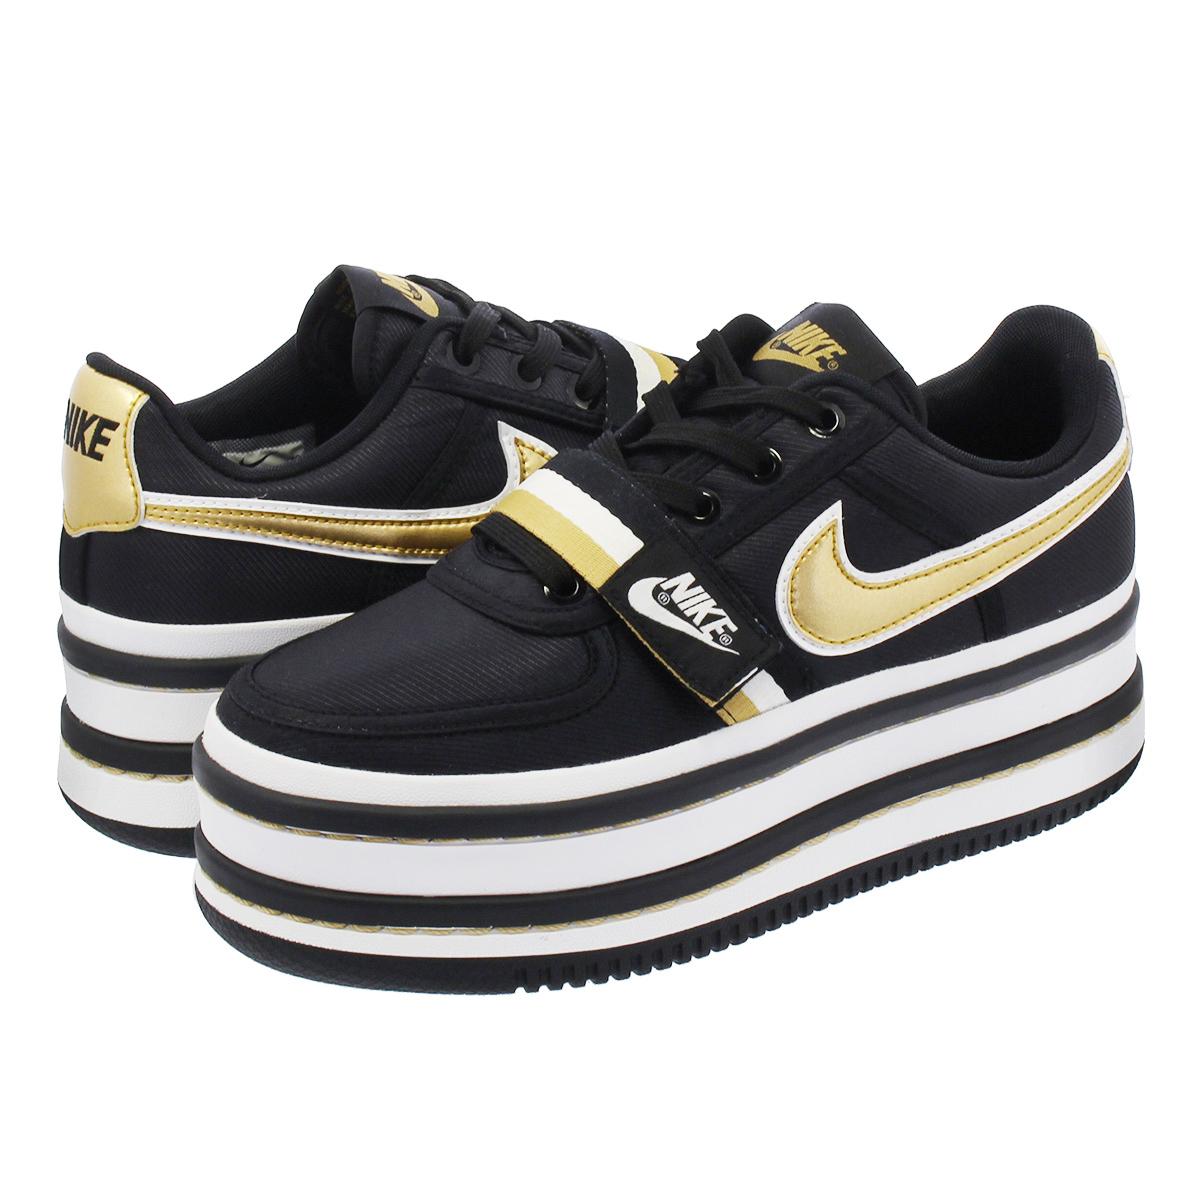 9a90948b021 SELECT SHOP LOWTEX  NIKE WMNS VANDAL 2K Nike women Vandal 2K BLACK METALLIC  GOLD ao2868-002